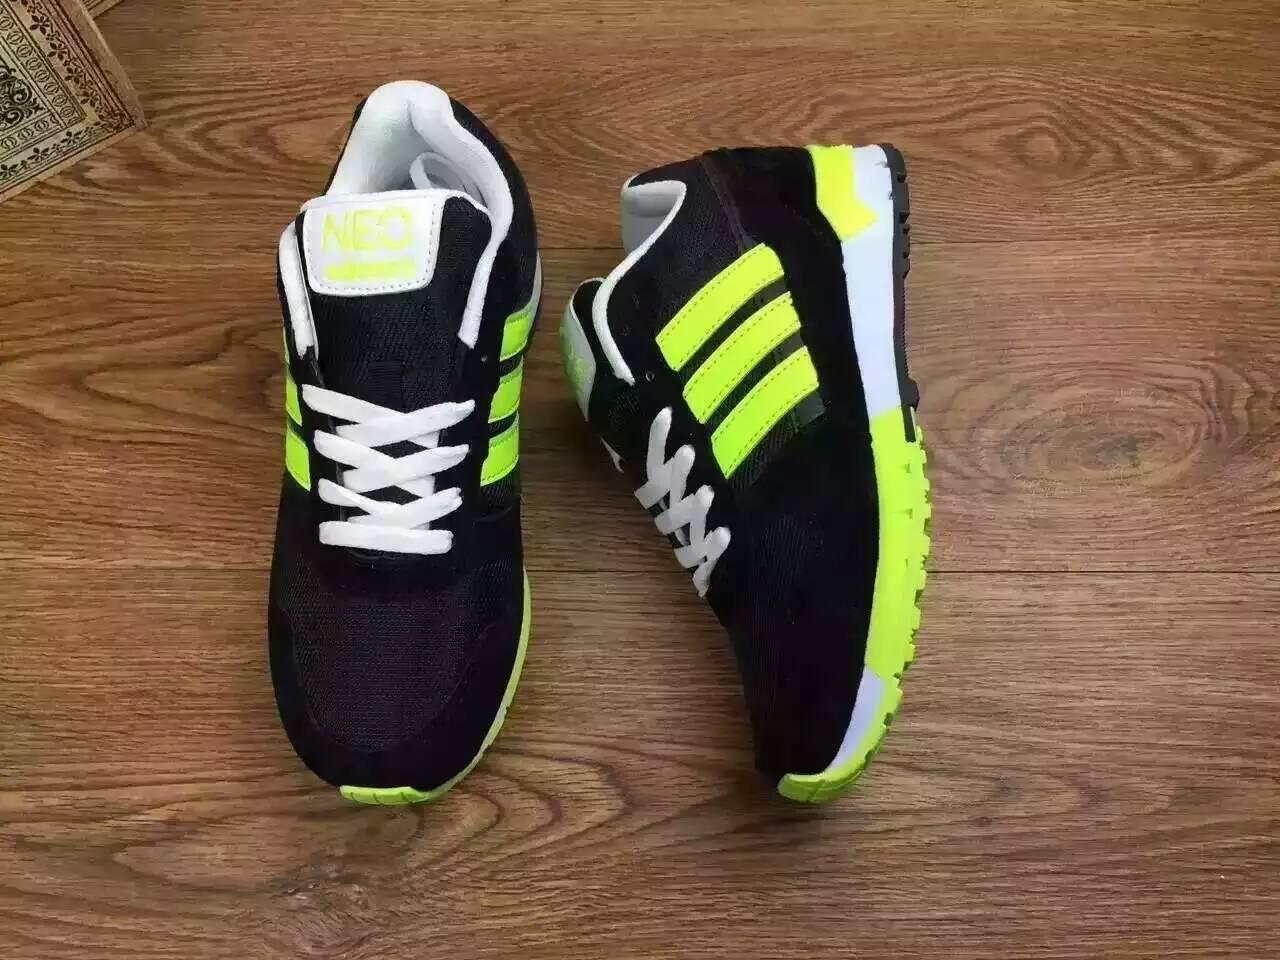 跑步鞋品牌货源 优家鞋业供应报价合理的Nike耐克运动鞋